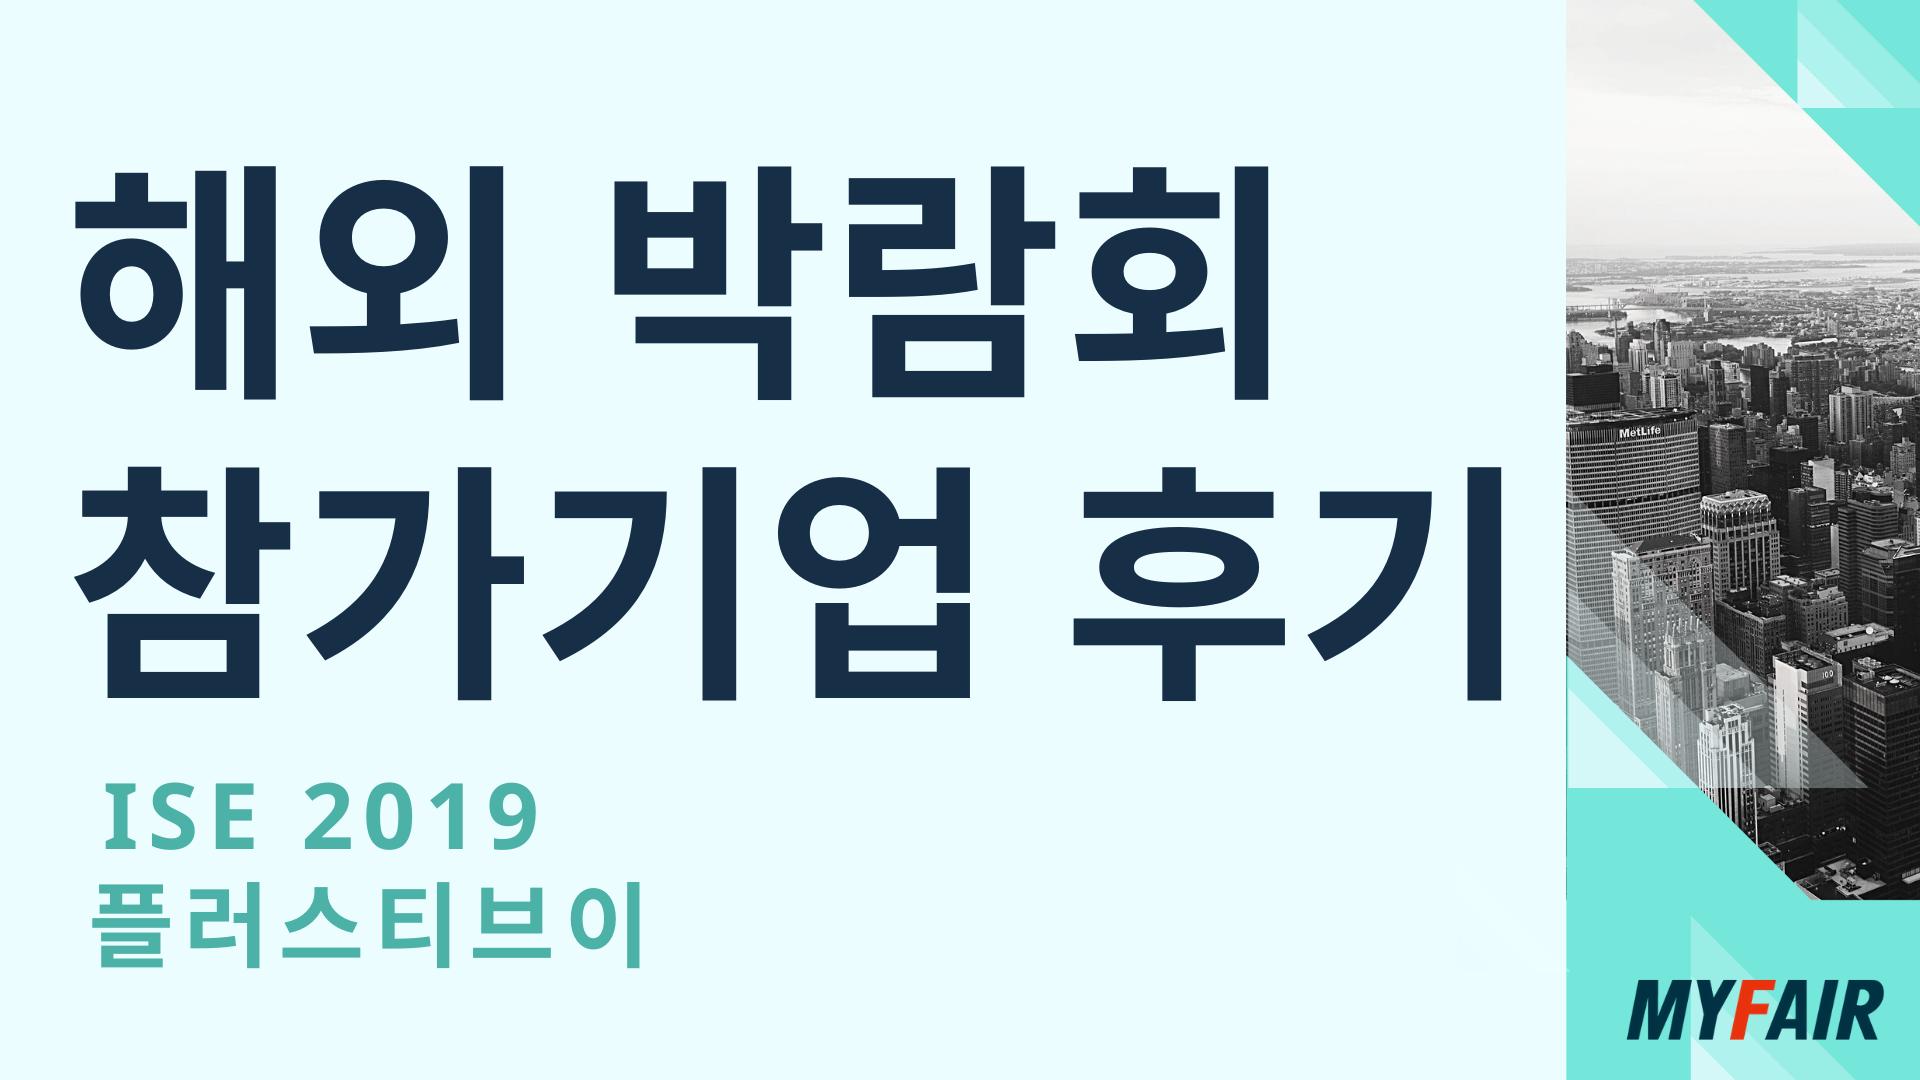 [해외박람회에서 빛난 기업] ISE 2019 - 플러스티브이